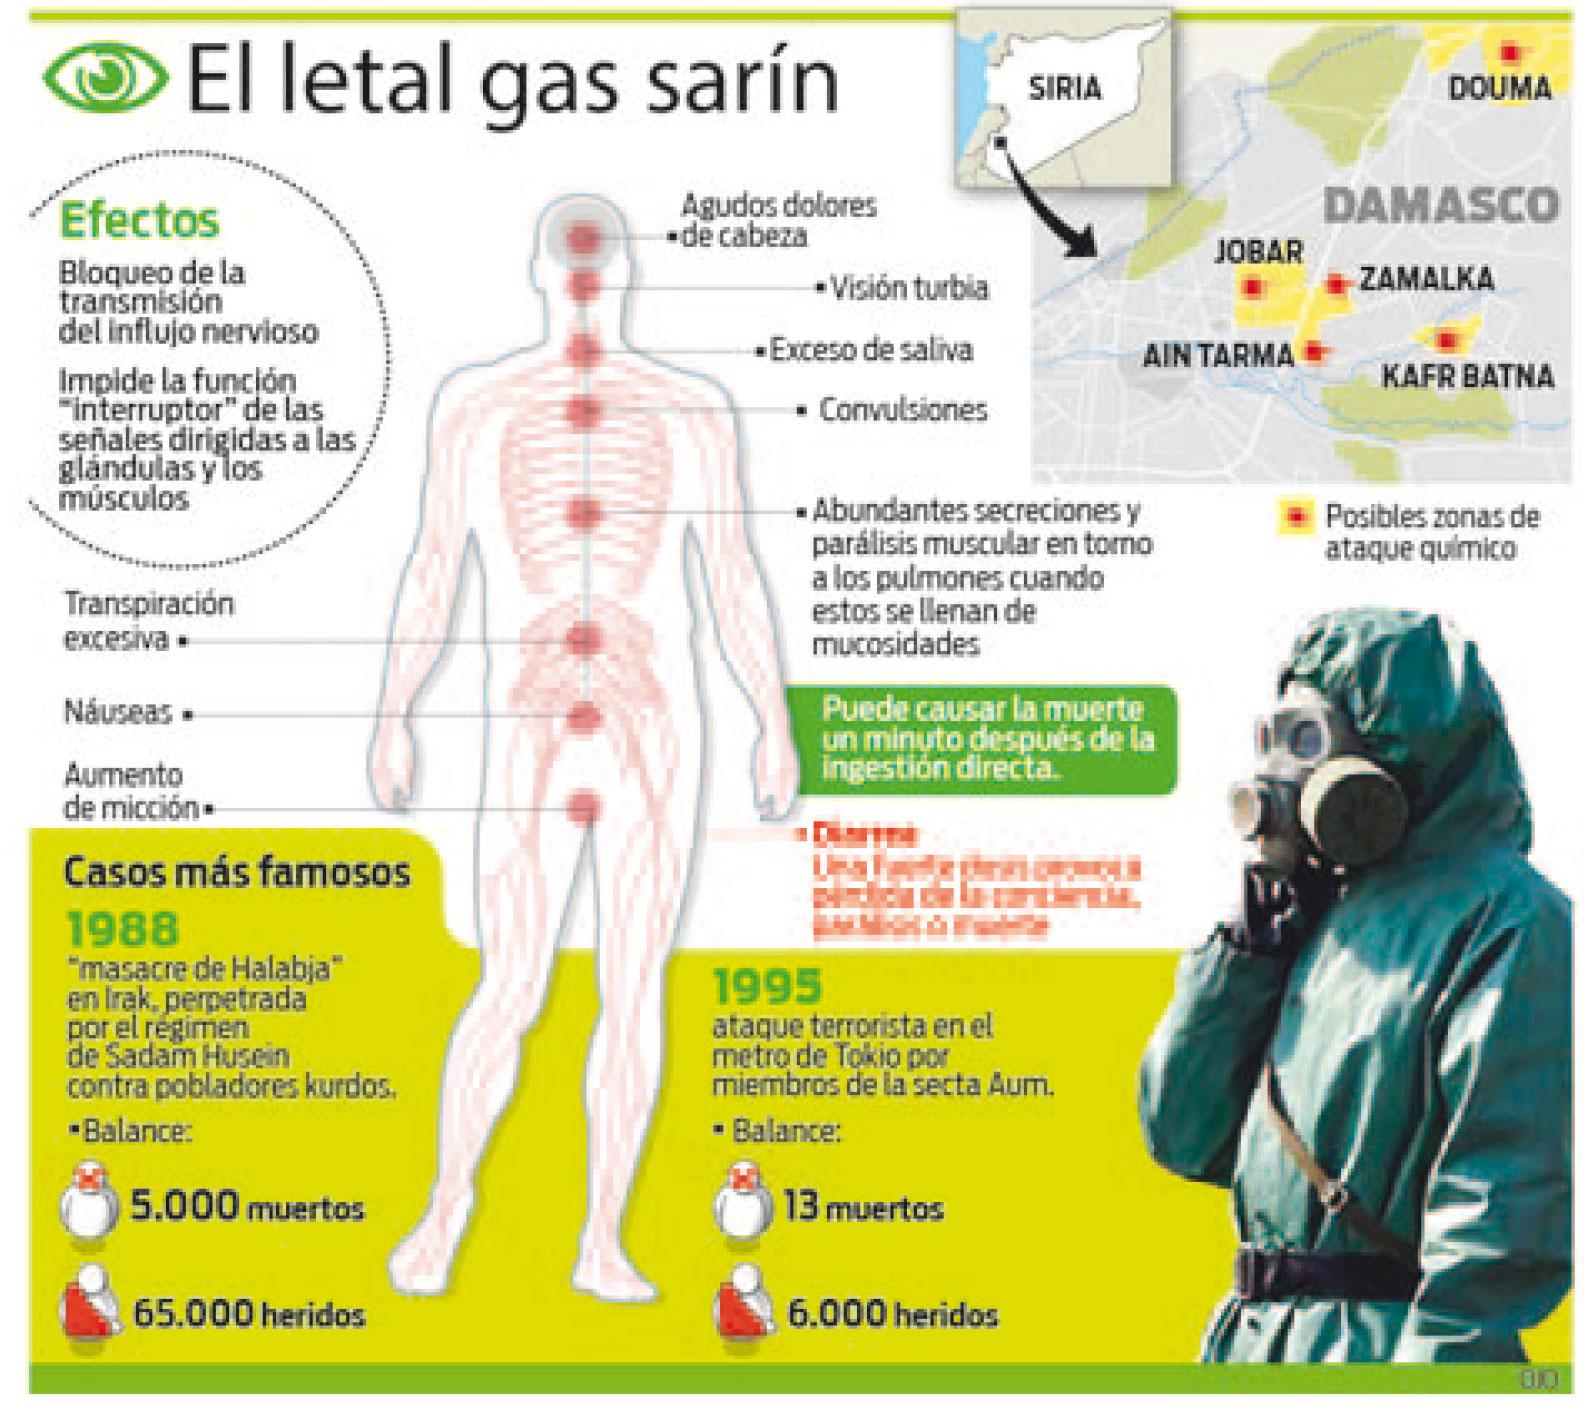 Dos recipientes hallados en agosto del año pasado por el Ejército sirio en un área controlada por la oposición contenían gas sarín, dijo el secretario general de la ONU, Ban Ki-moon, al Consejo de Seguridad.